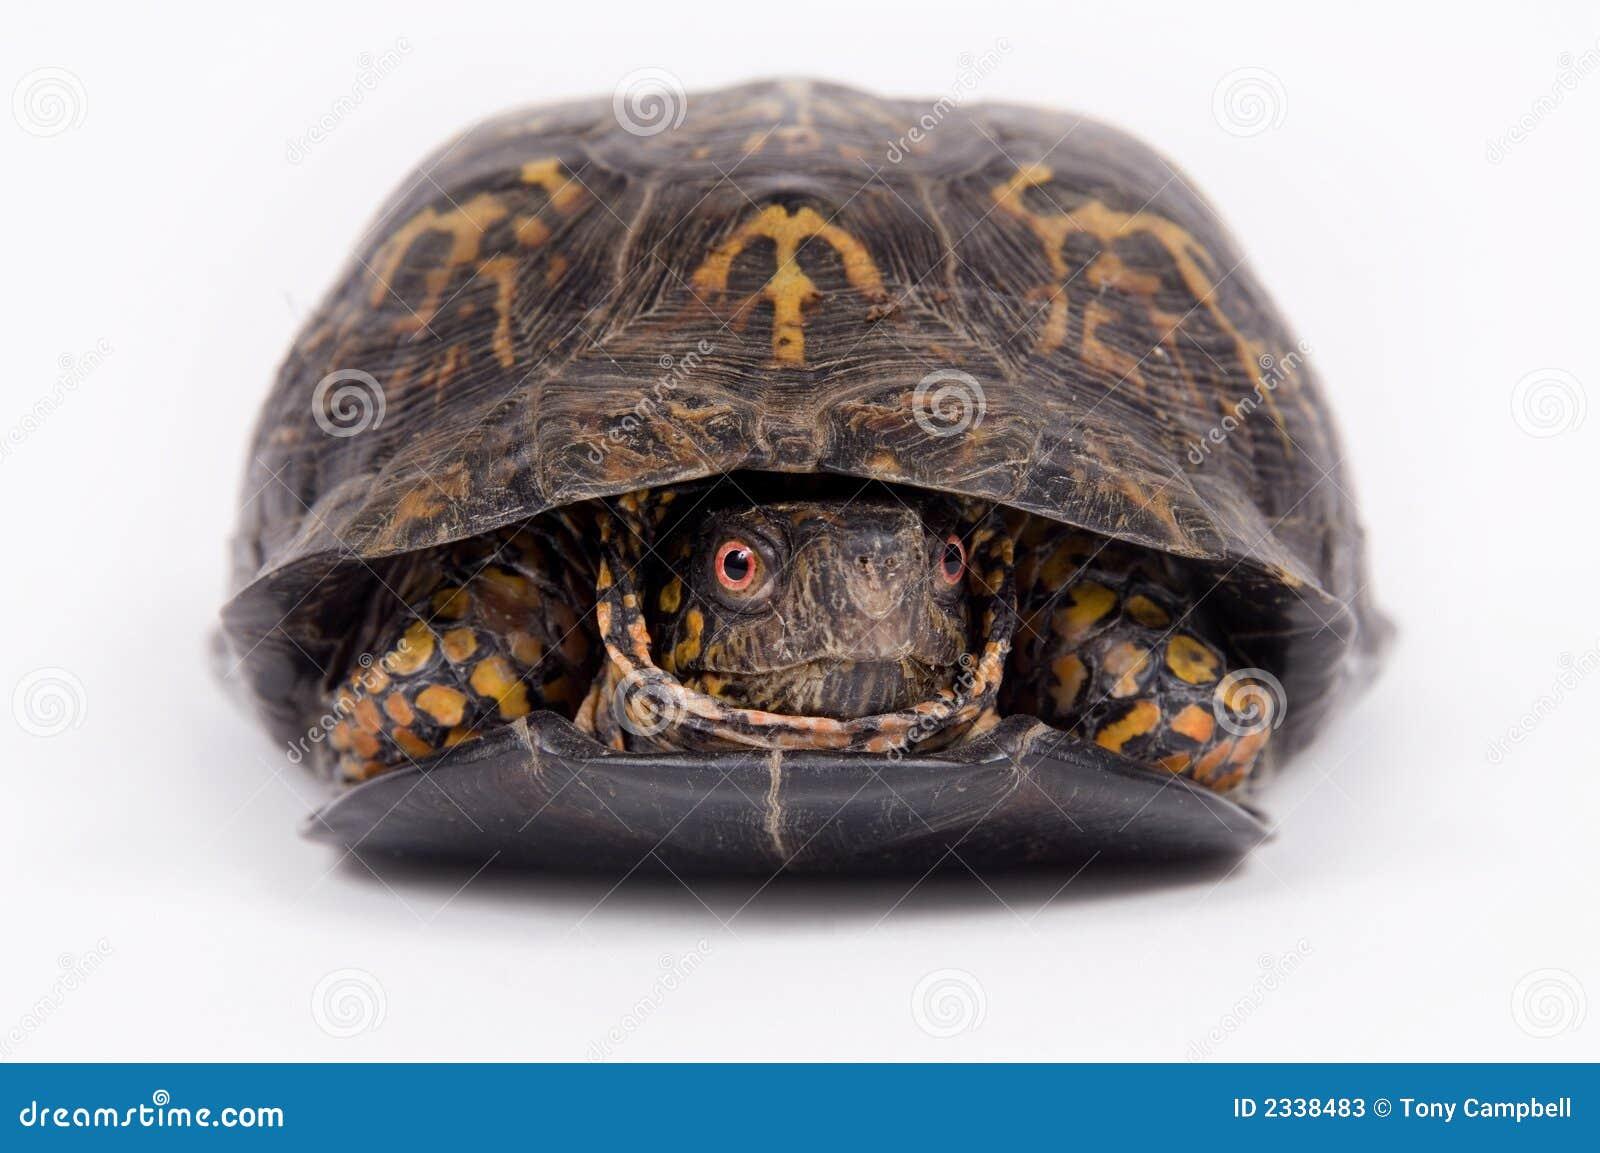 box turtle on white background stock image image of